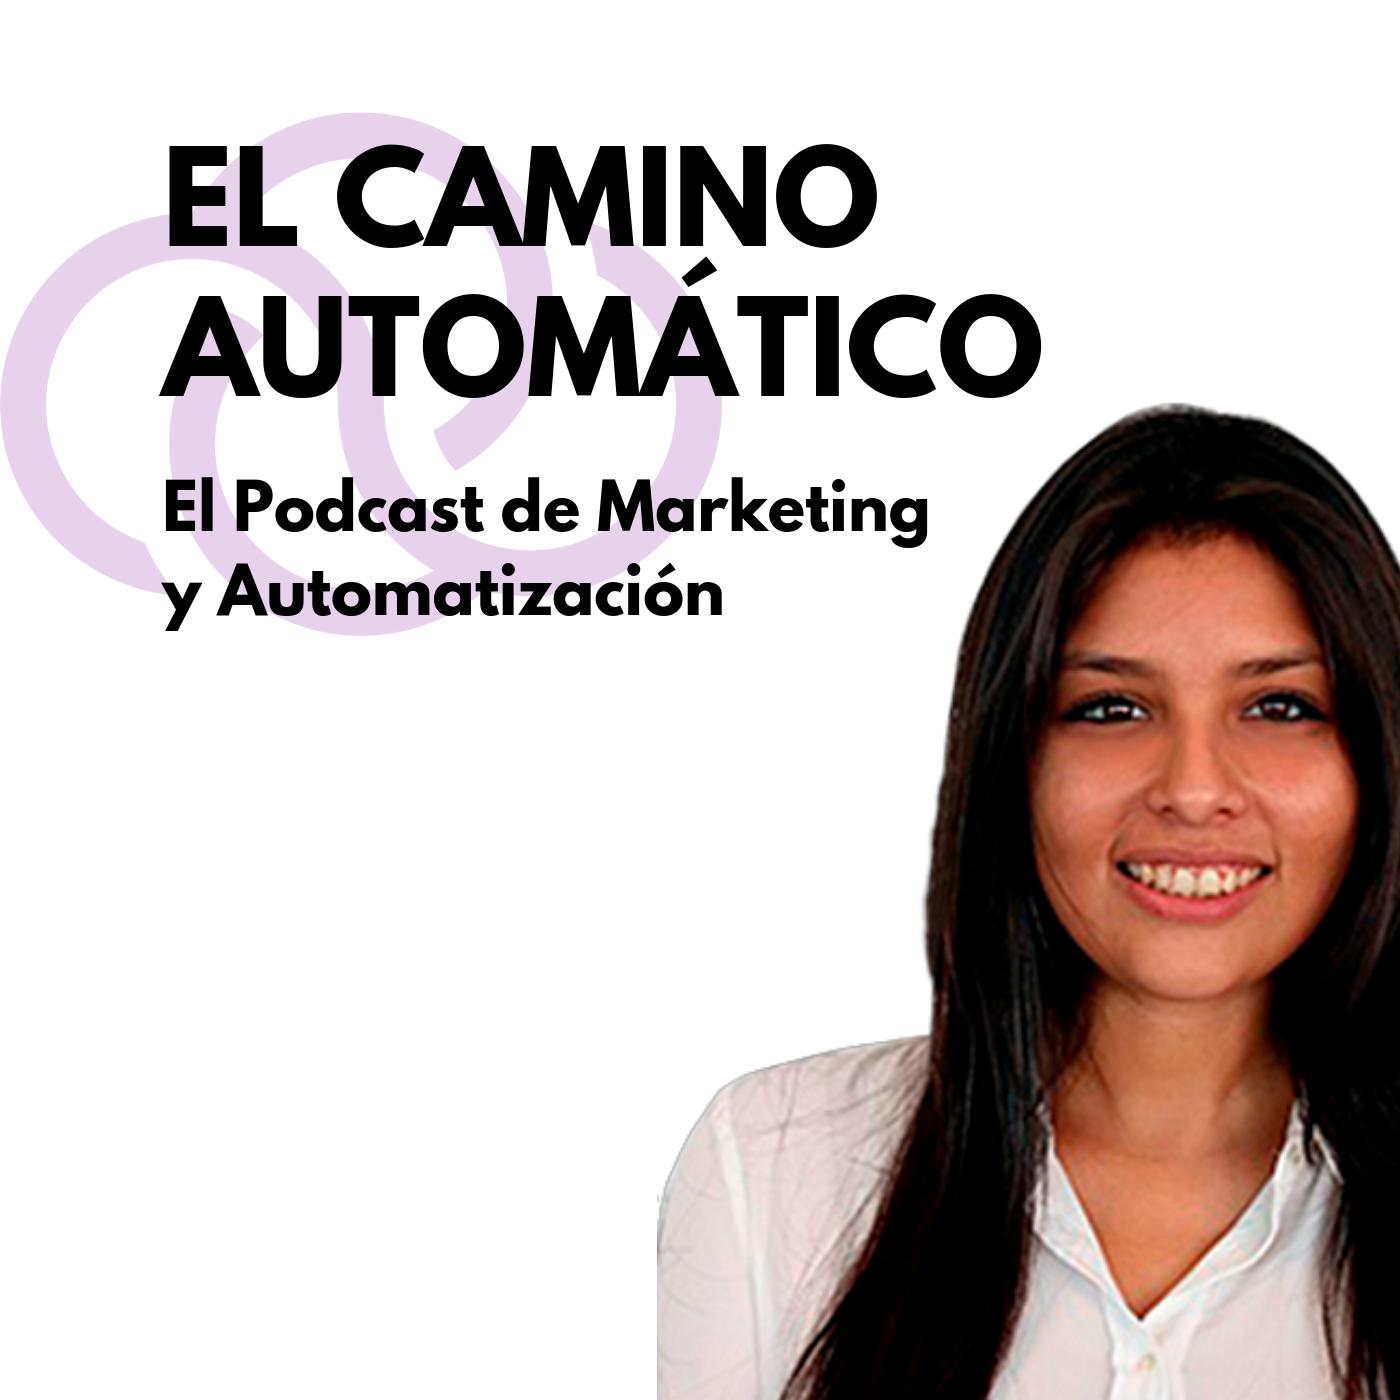 El Camino Automático - El Podcast de Marketing y Automatización